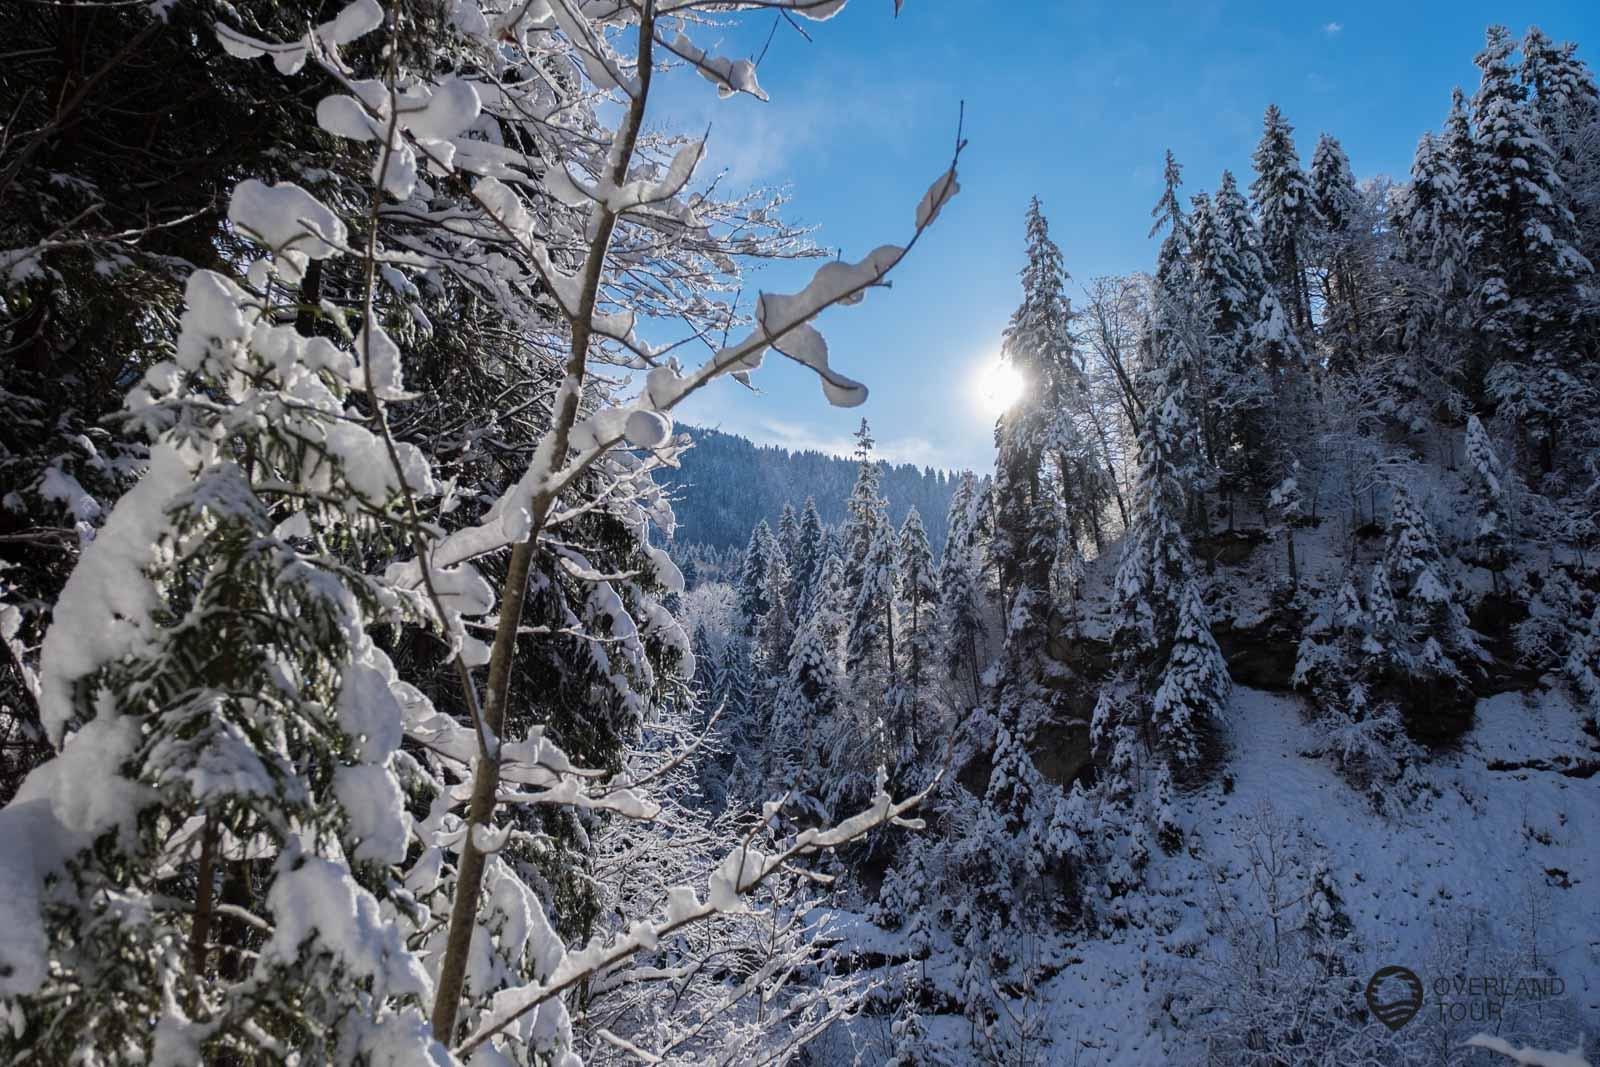 Auszeit Haubers Alpenresort Oberstaufen Winterwonderland Allgäu